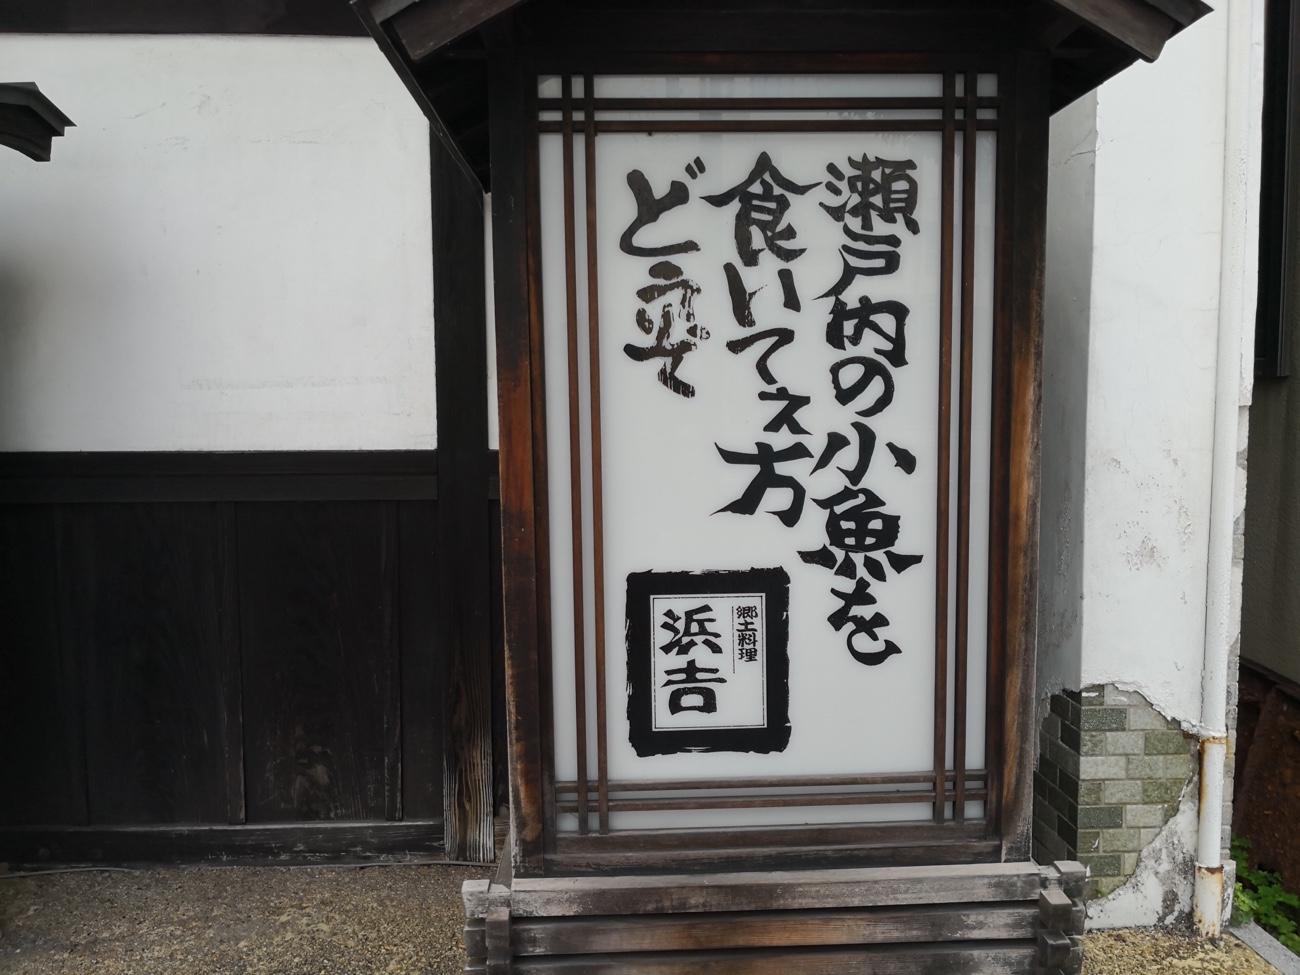 倉敷グルメ ブログで紹介 おすすめ名物